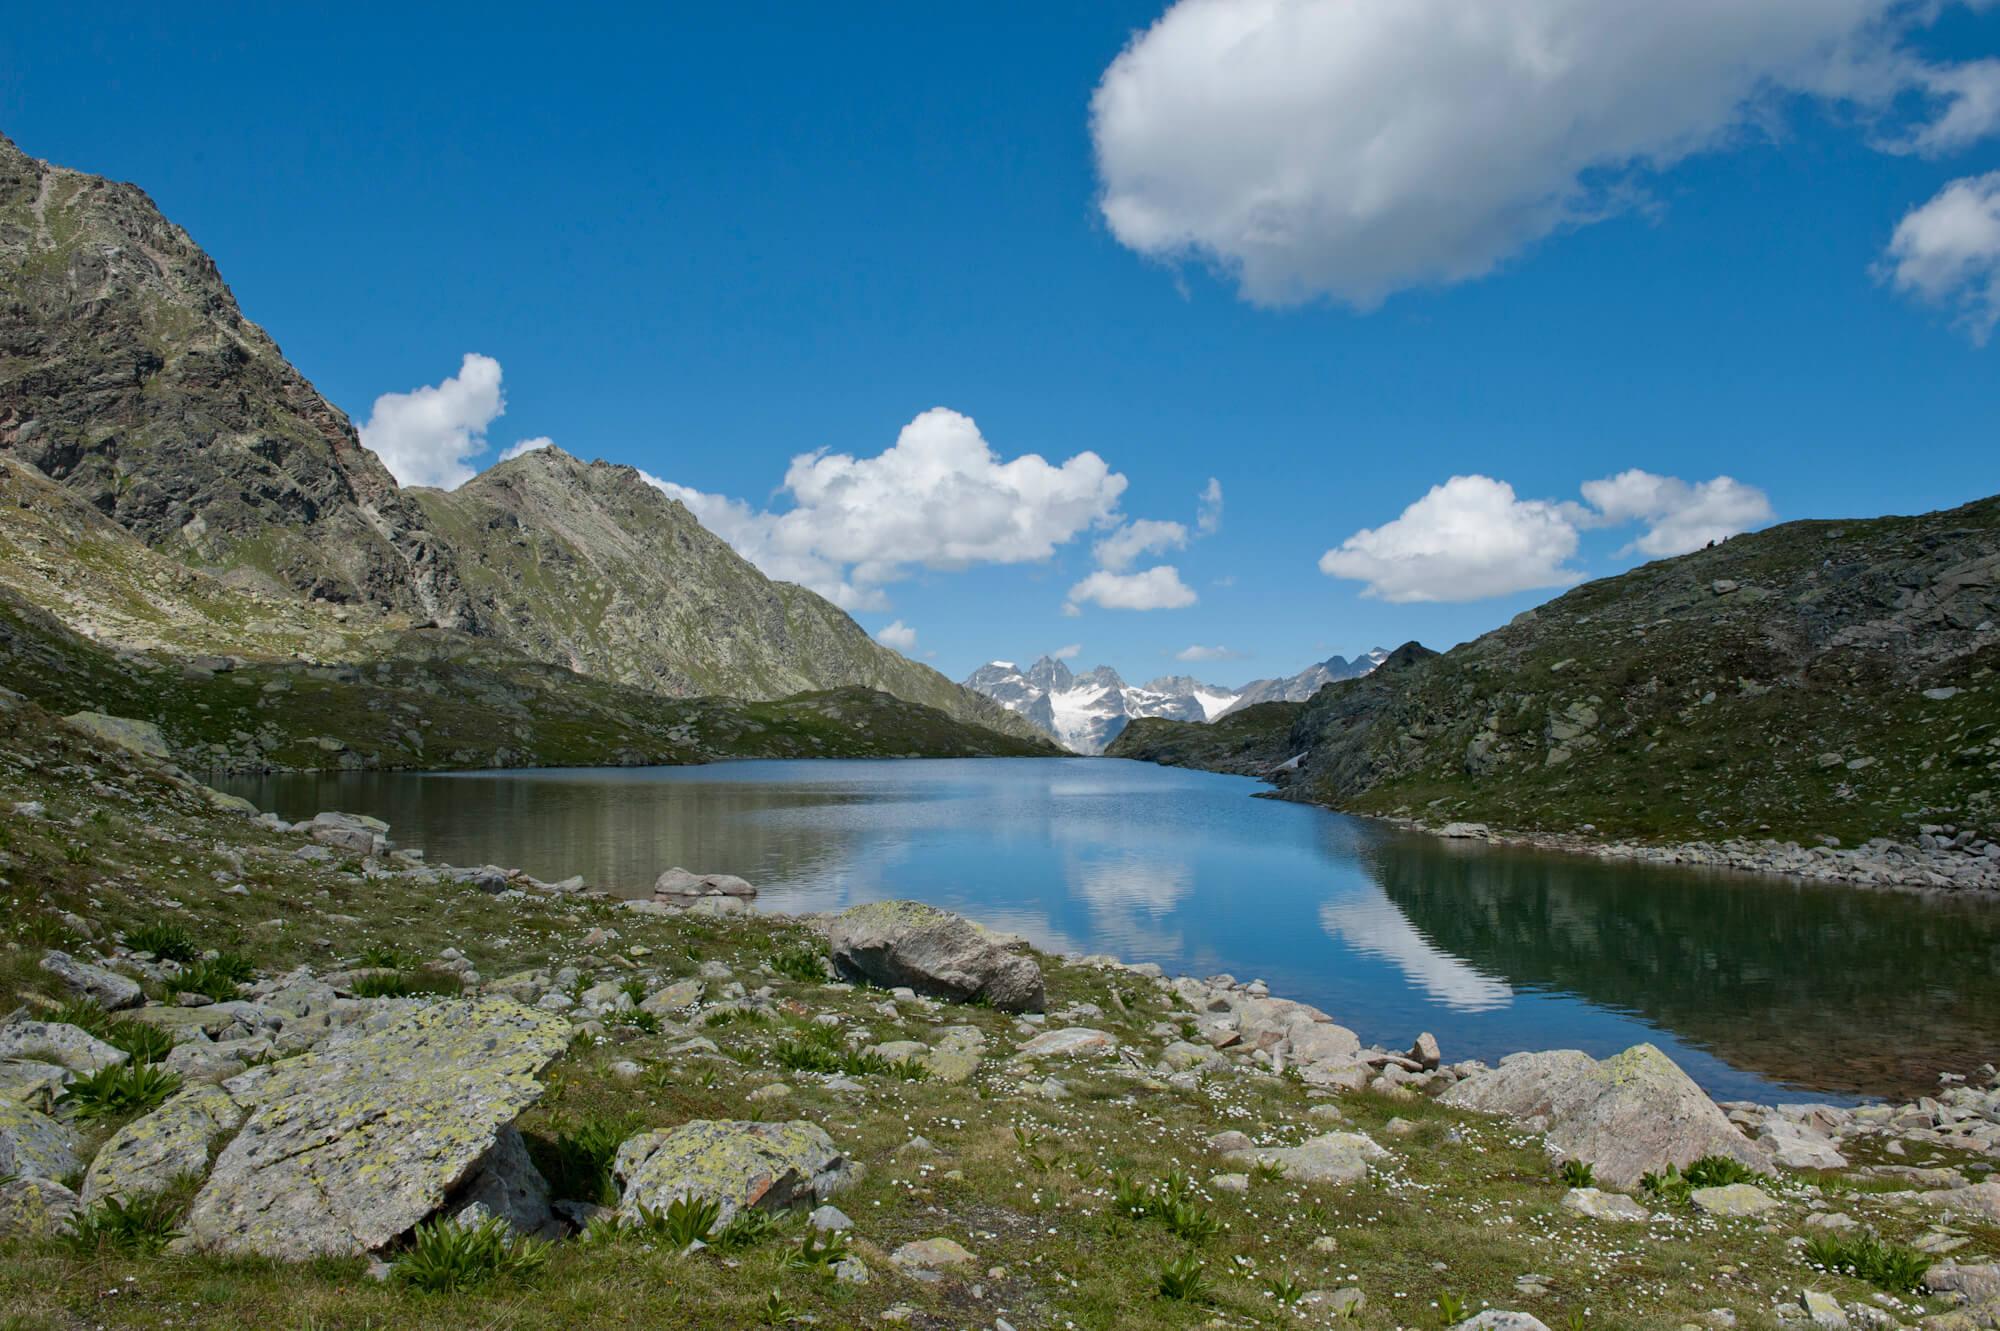 Alpen See zwischen den Bergen